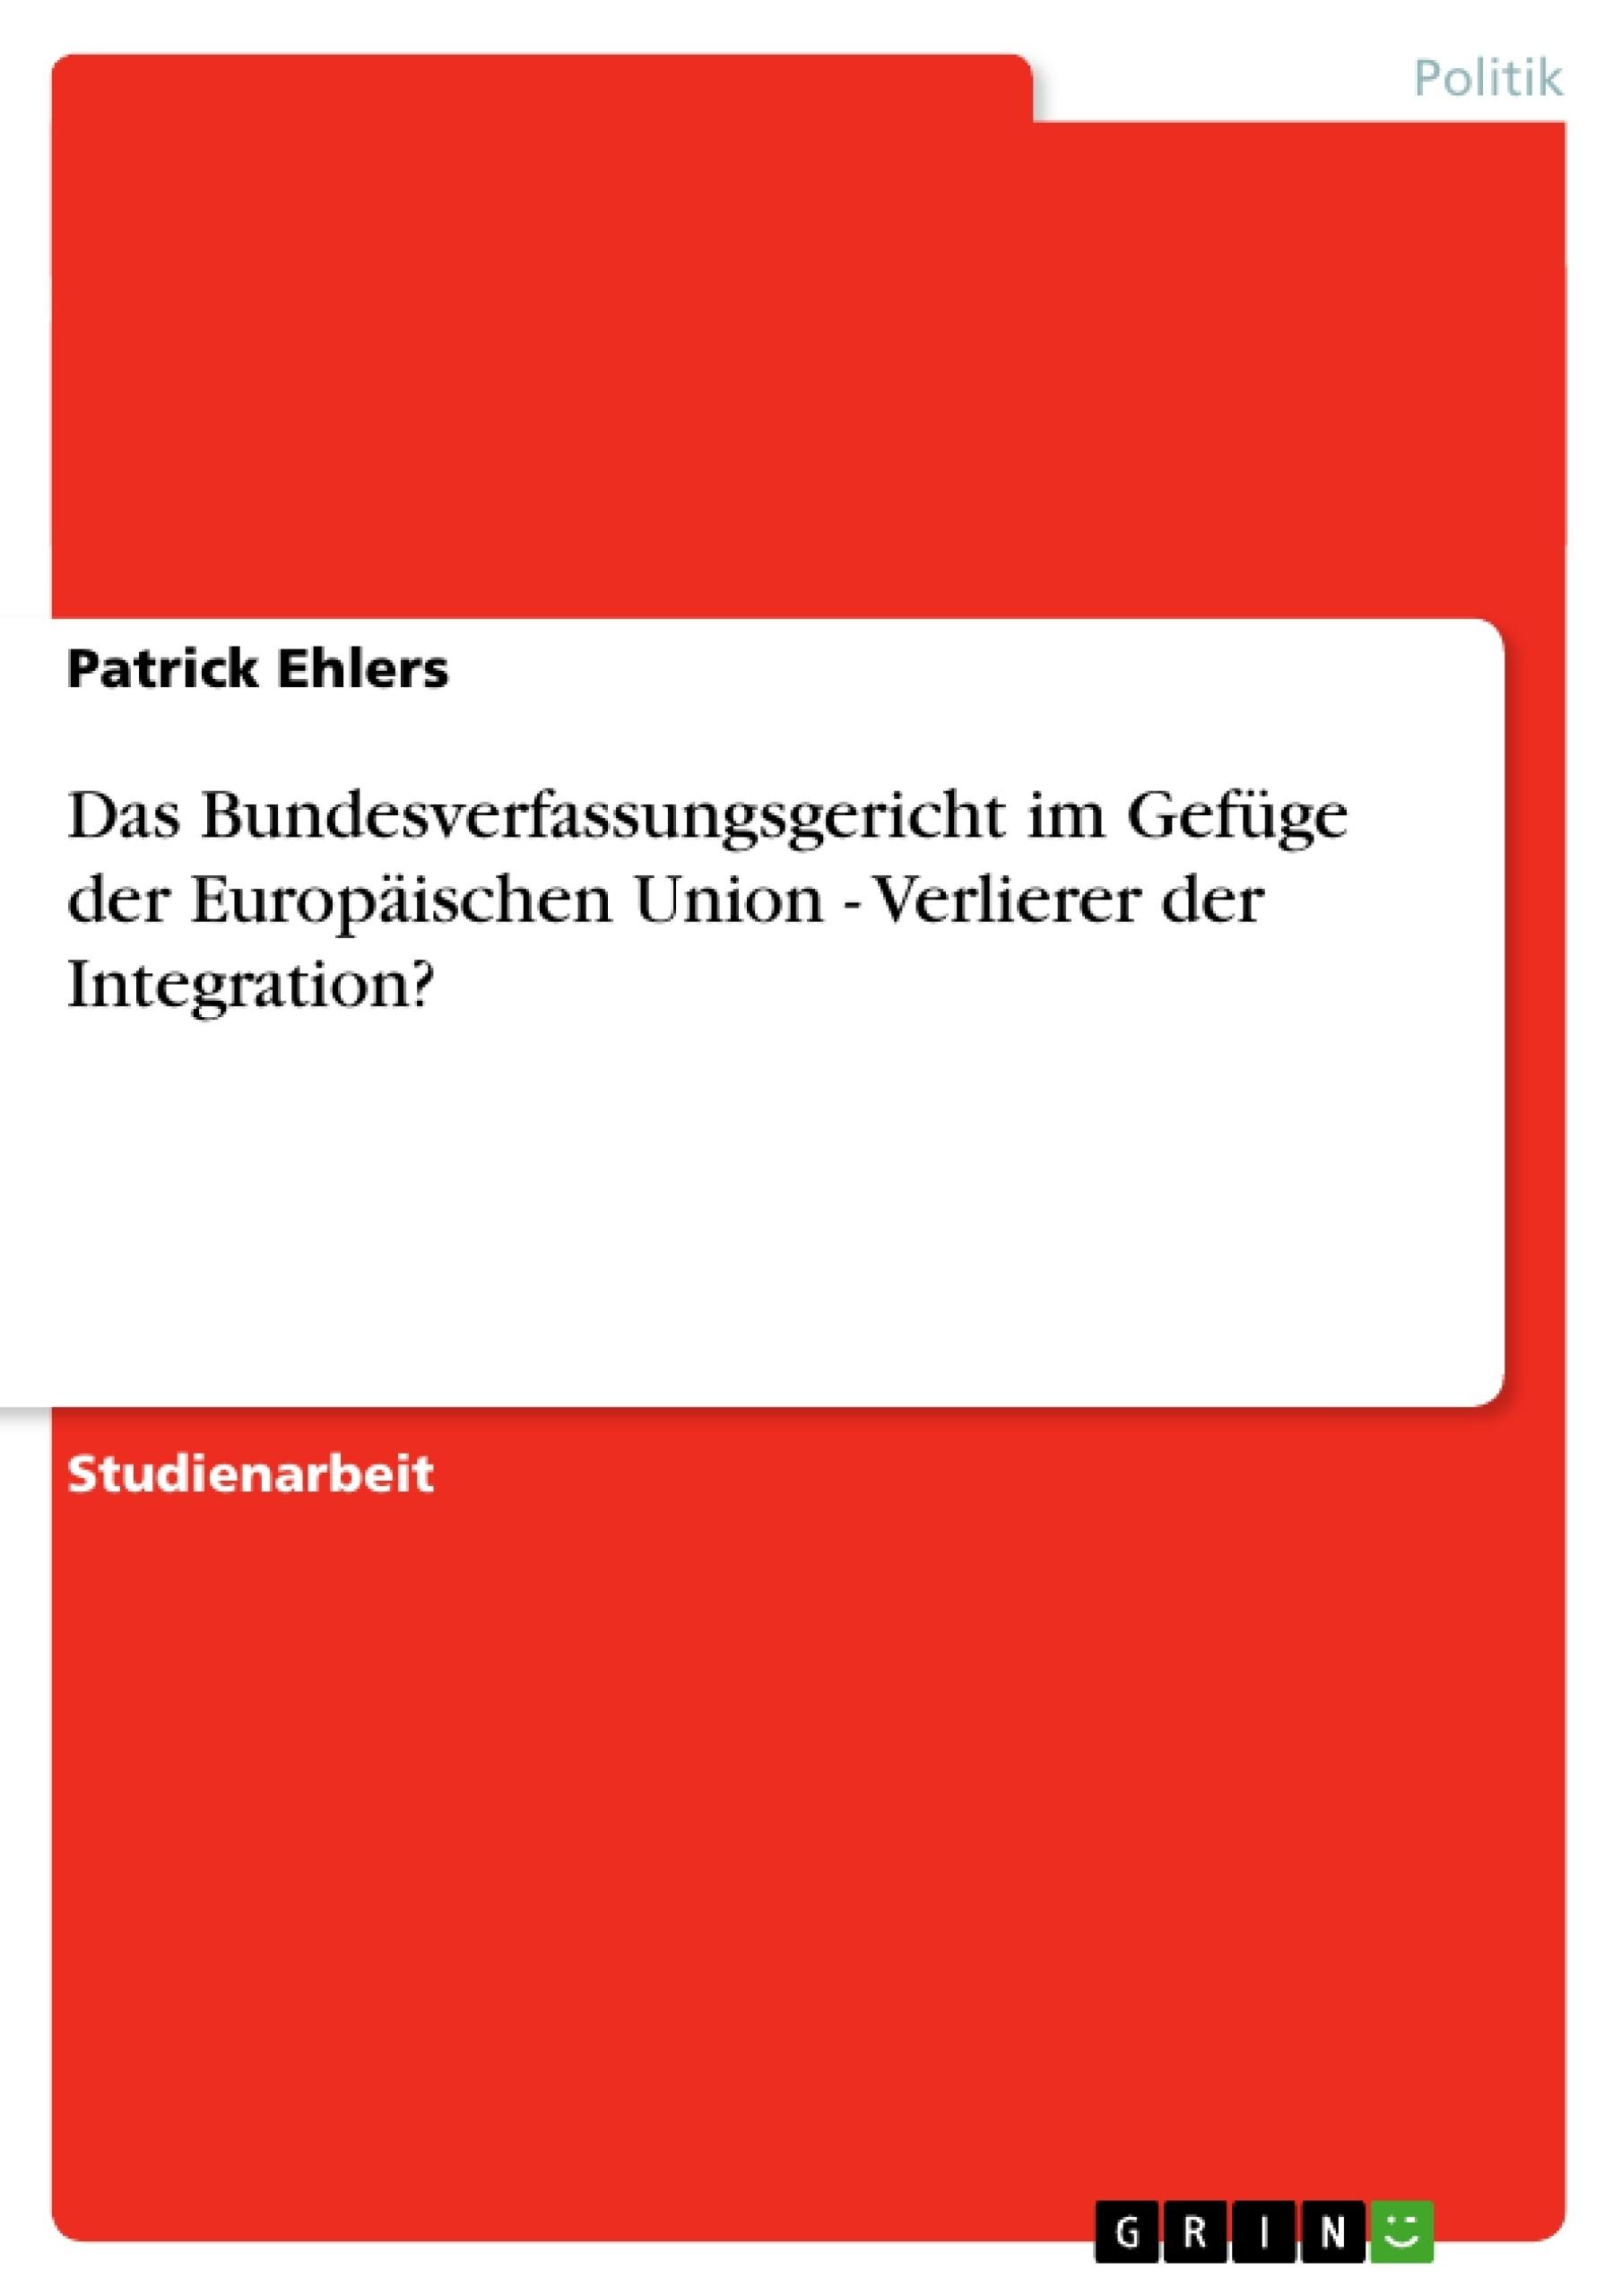 Titel: Das Bundesverfassungsgericht im Gefüge der Europäischen Union - Verlierer der Integration?